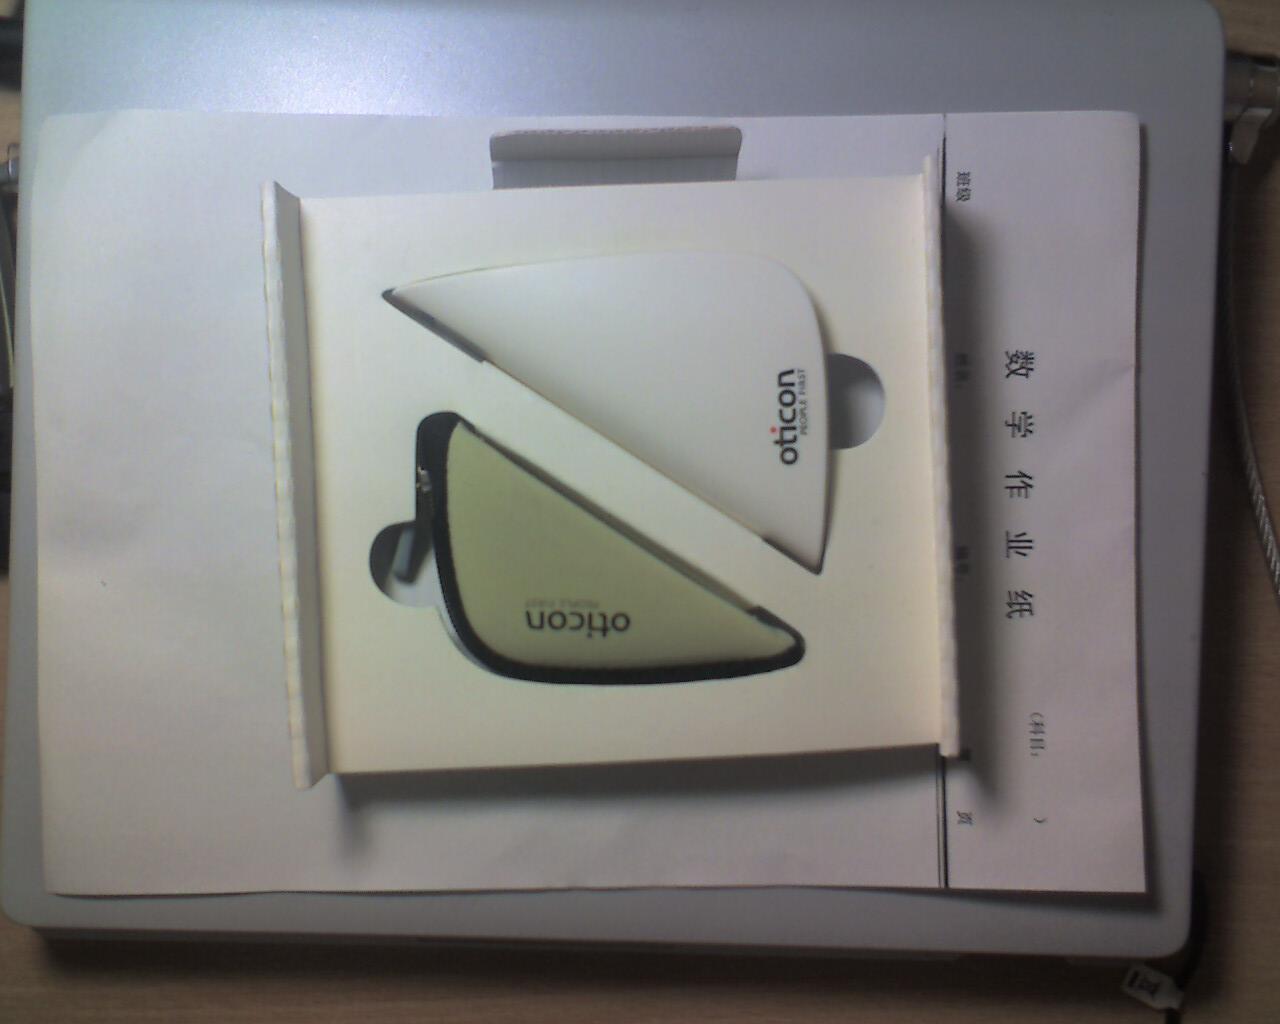 Otion Delta 随携盒:大的是硬盒, 小的是软盒